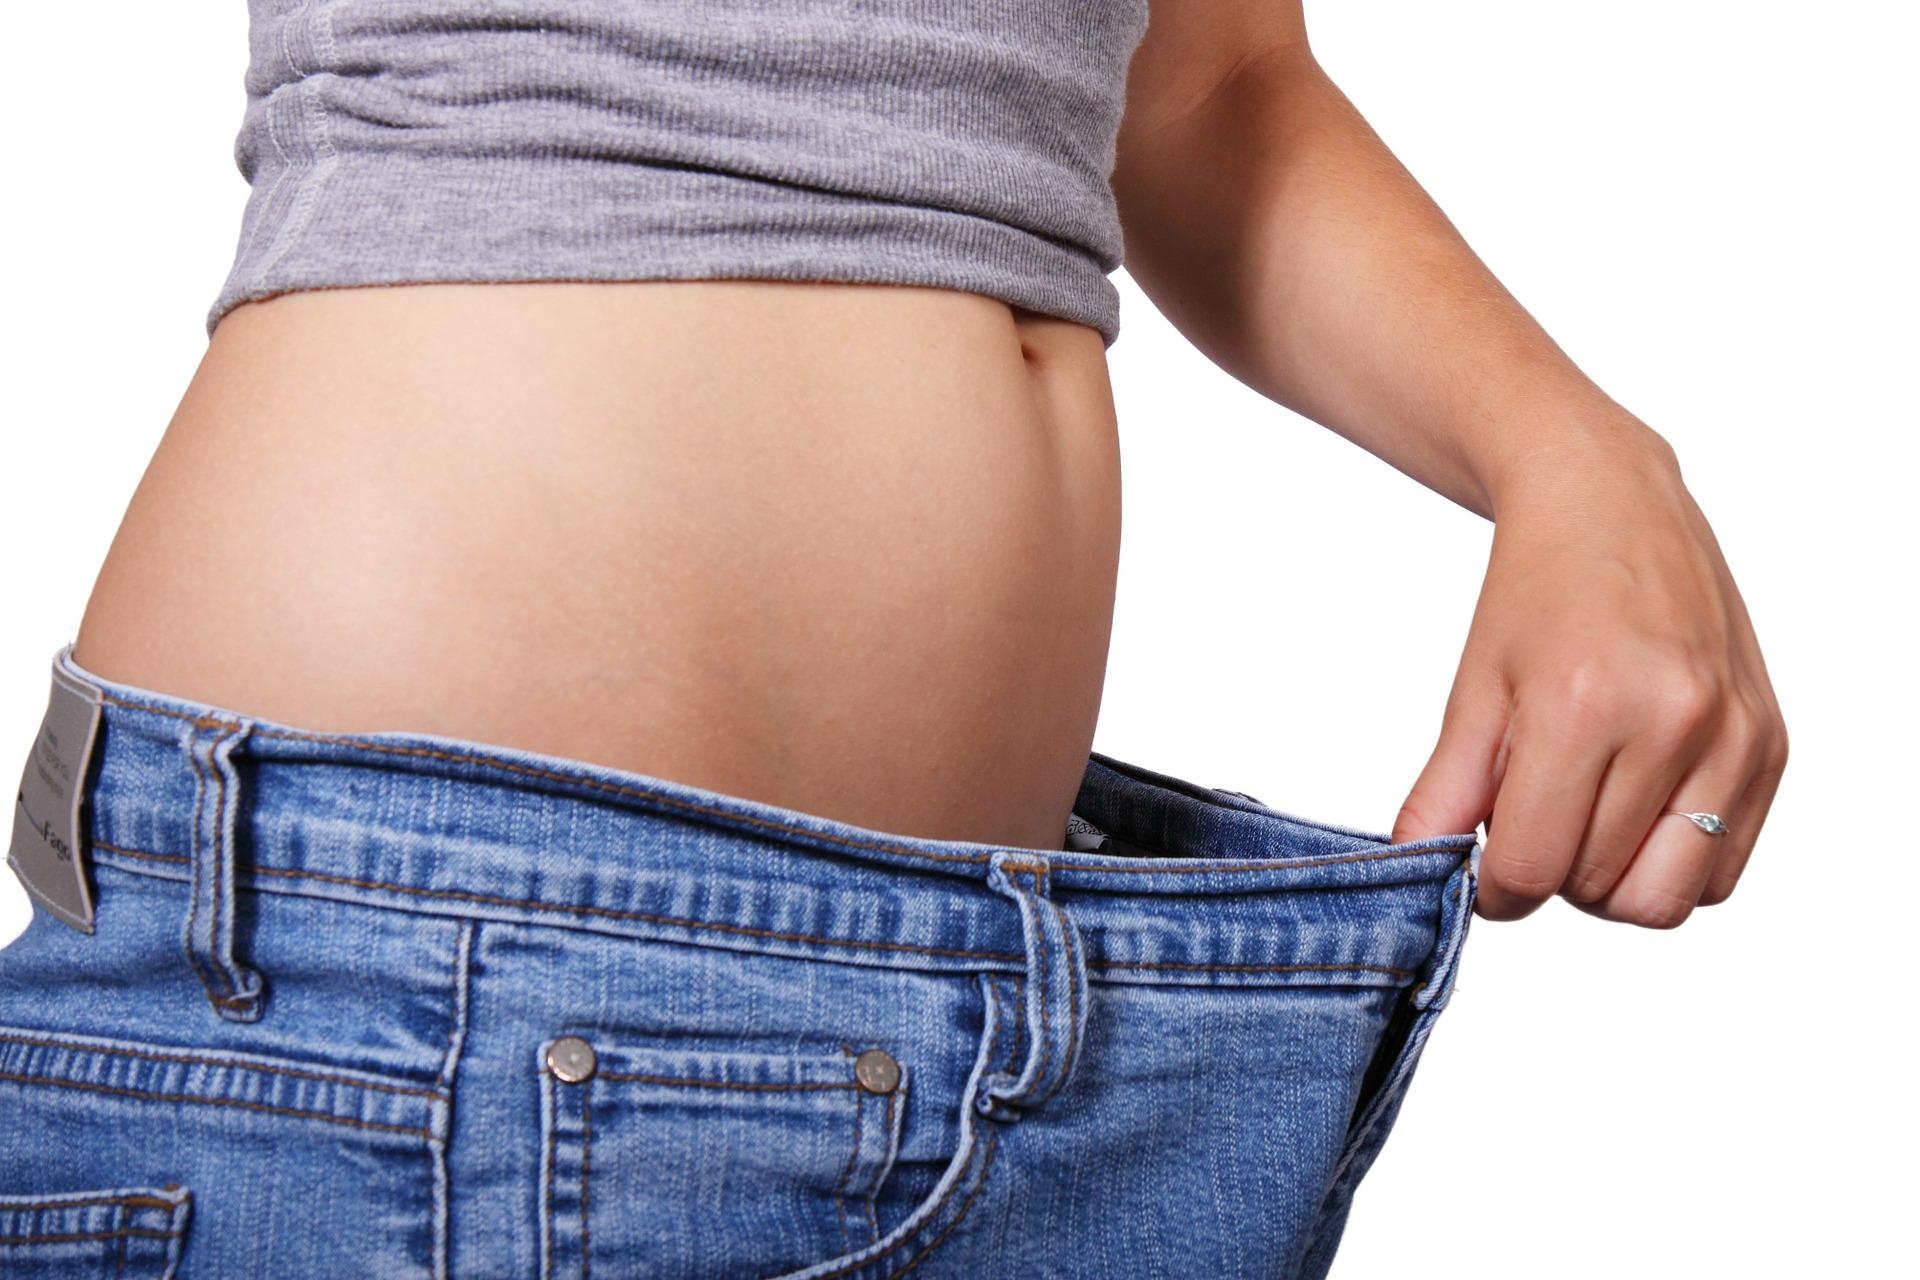 perdere peso dimagrire obeso obesa obesità magra magrezza